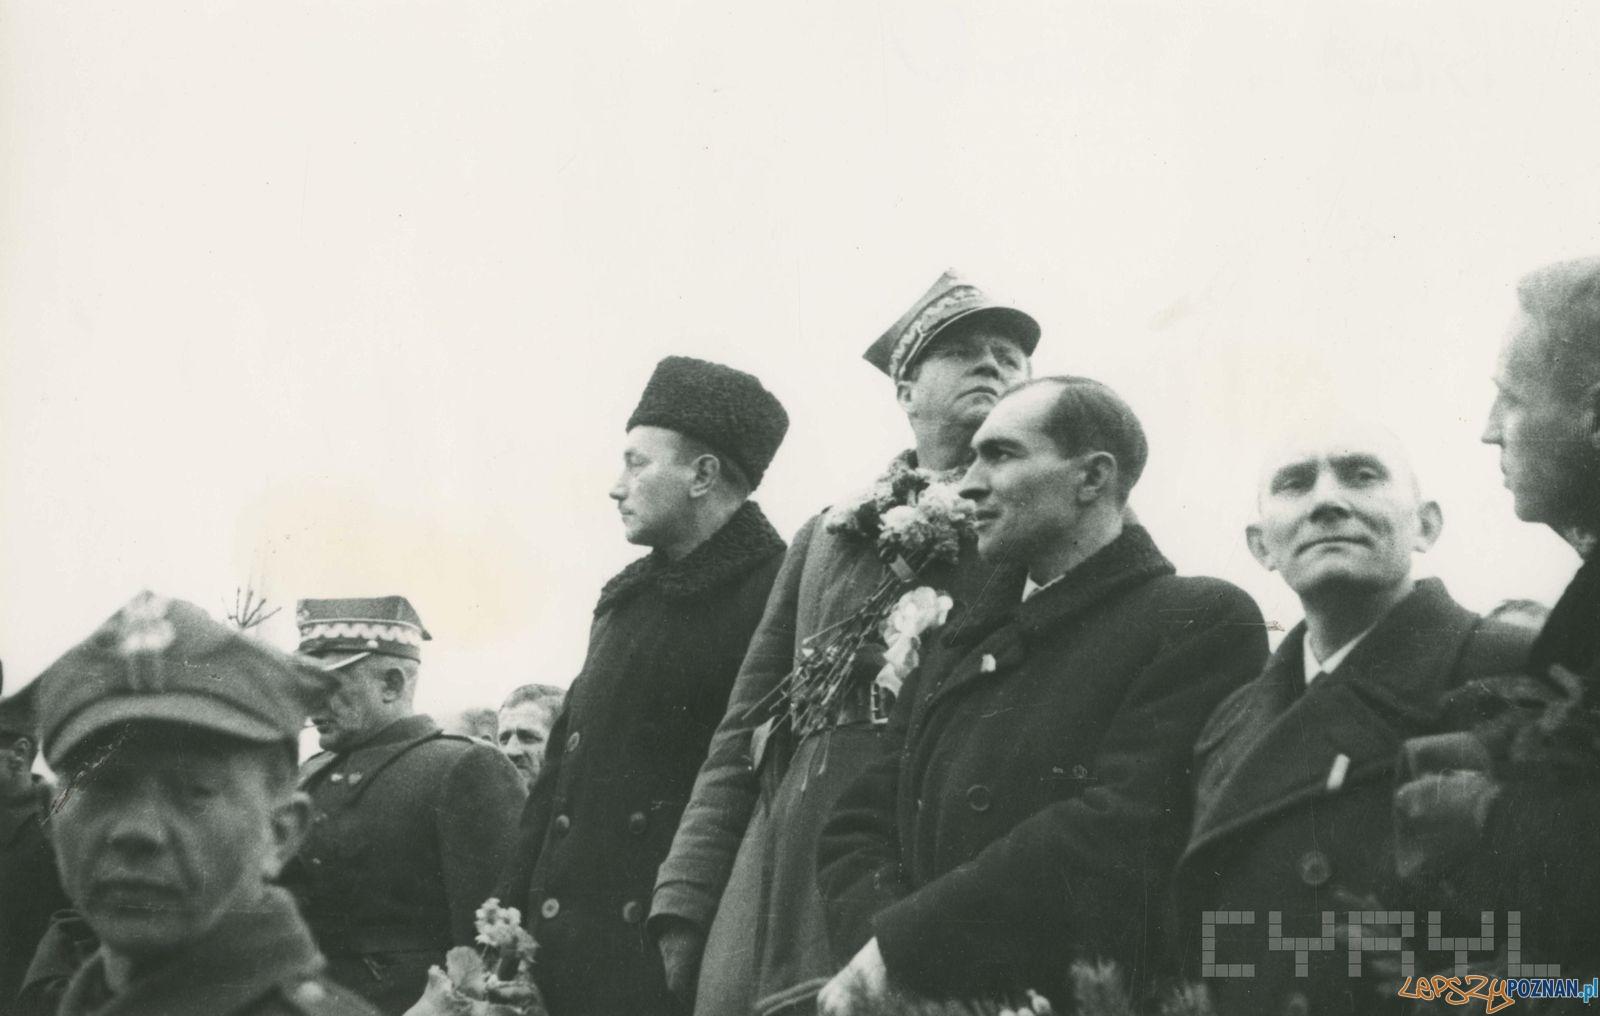 Prezydent KRN Bolesław Bierut i marszałek Michał Rola Żymierki przyjmują defiladę odziałów Wojska Polskiego na Pl. Zamkowym (dziś Mickiewicza) - 8.03.1945